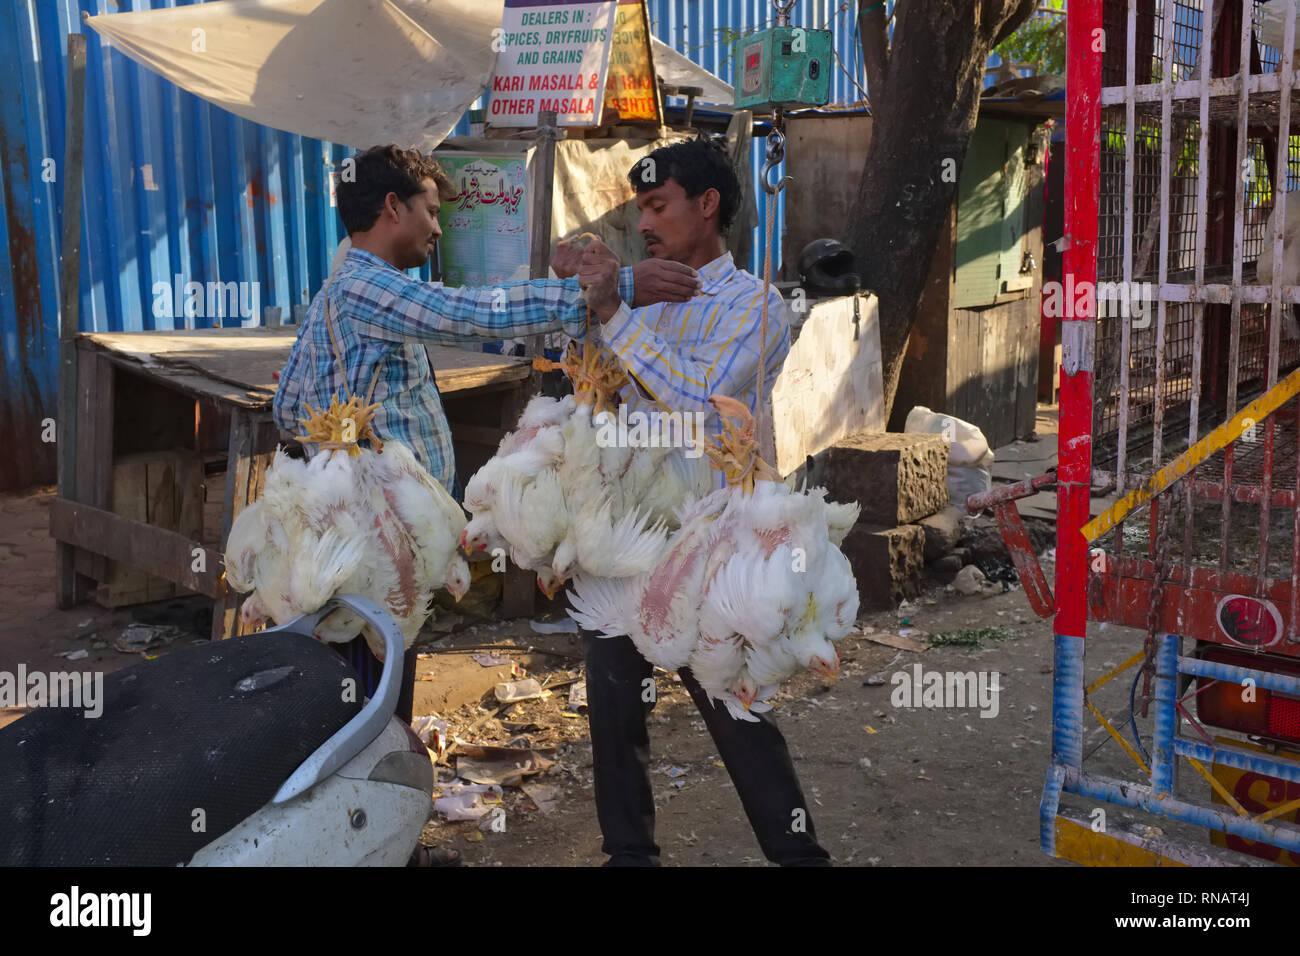 Lebende Hühner gebunden, indem Er ihre Füße und hängen im Bündel sind für Lieferung in einem Fleischmarkt in Bhendi Bazar, Mumbai, Indien Stockbild